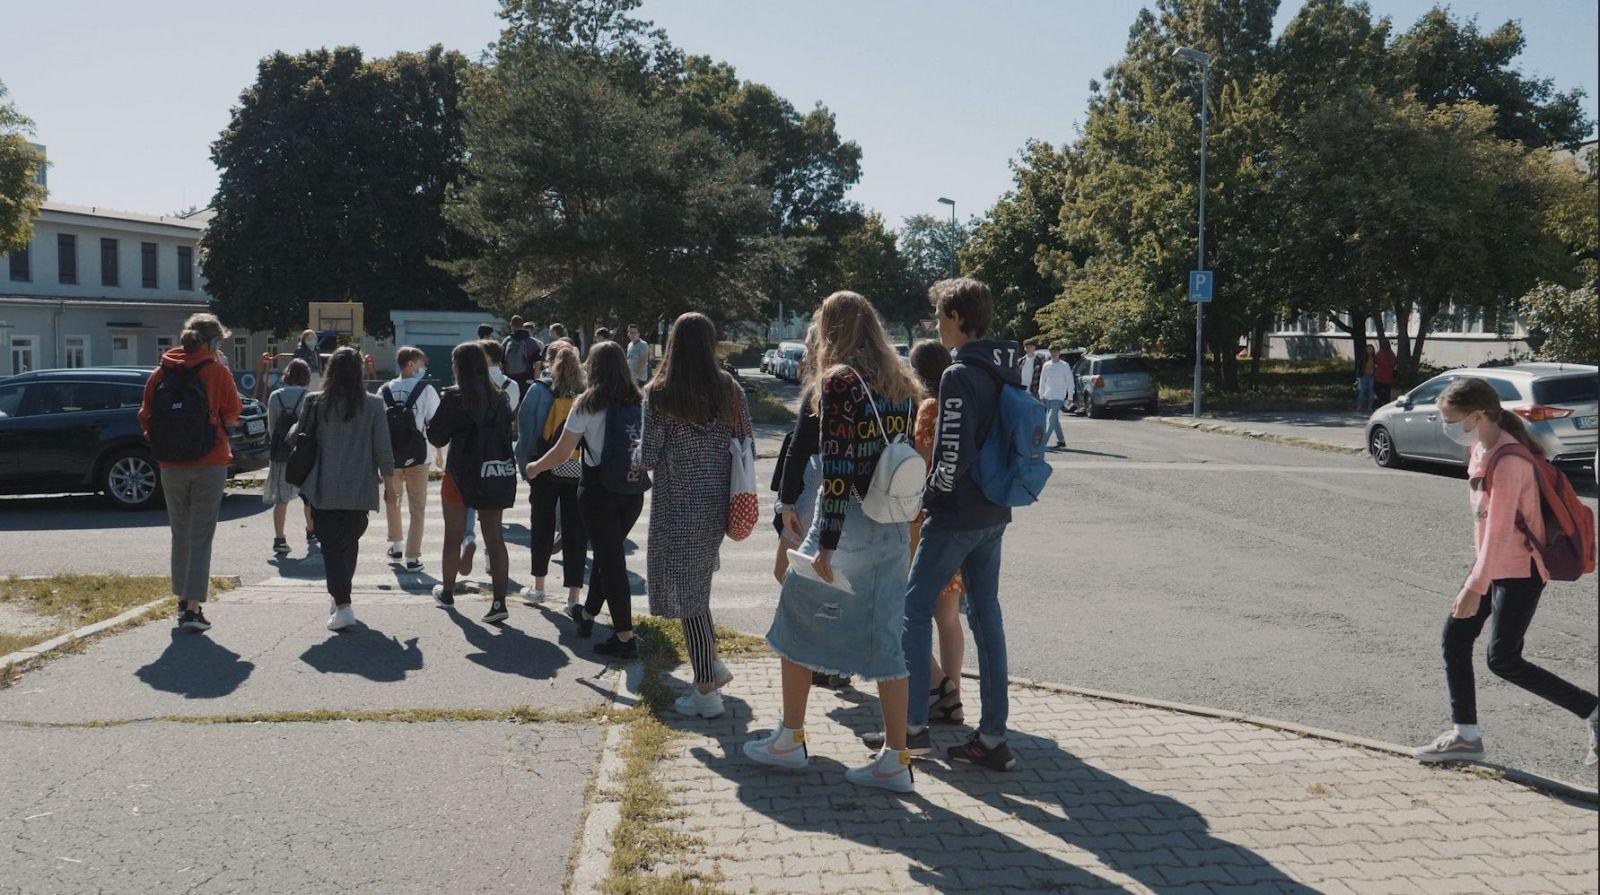 Čerství stredoškoláci: Nechceme ochorieť, budeme nosiť rúška (Reportáž)